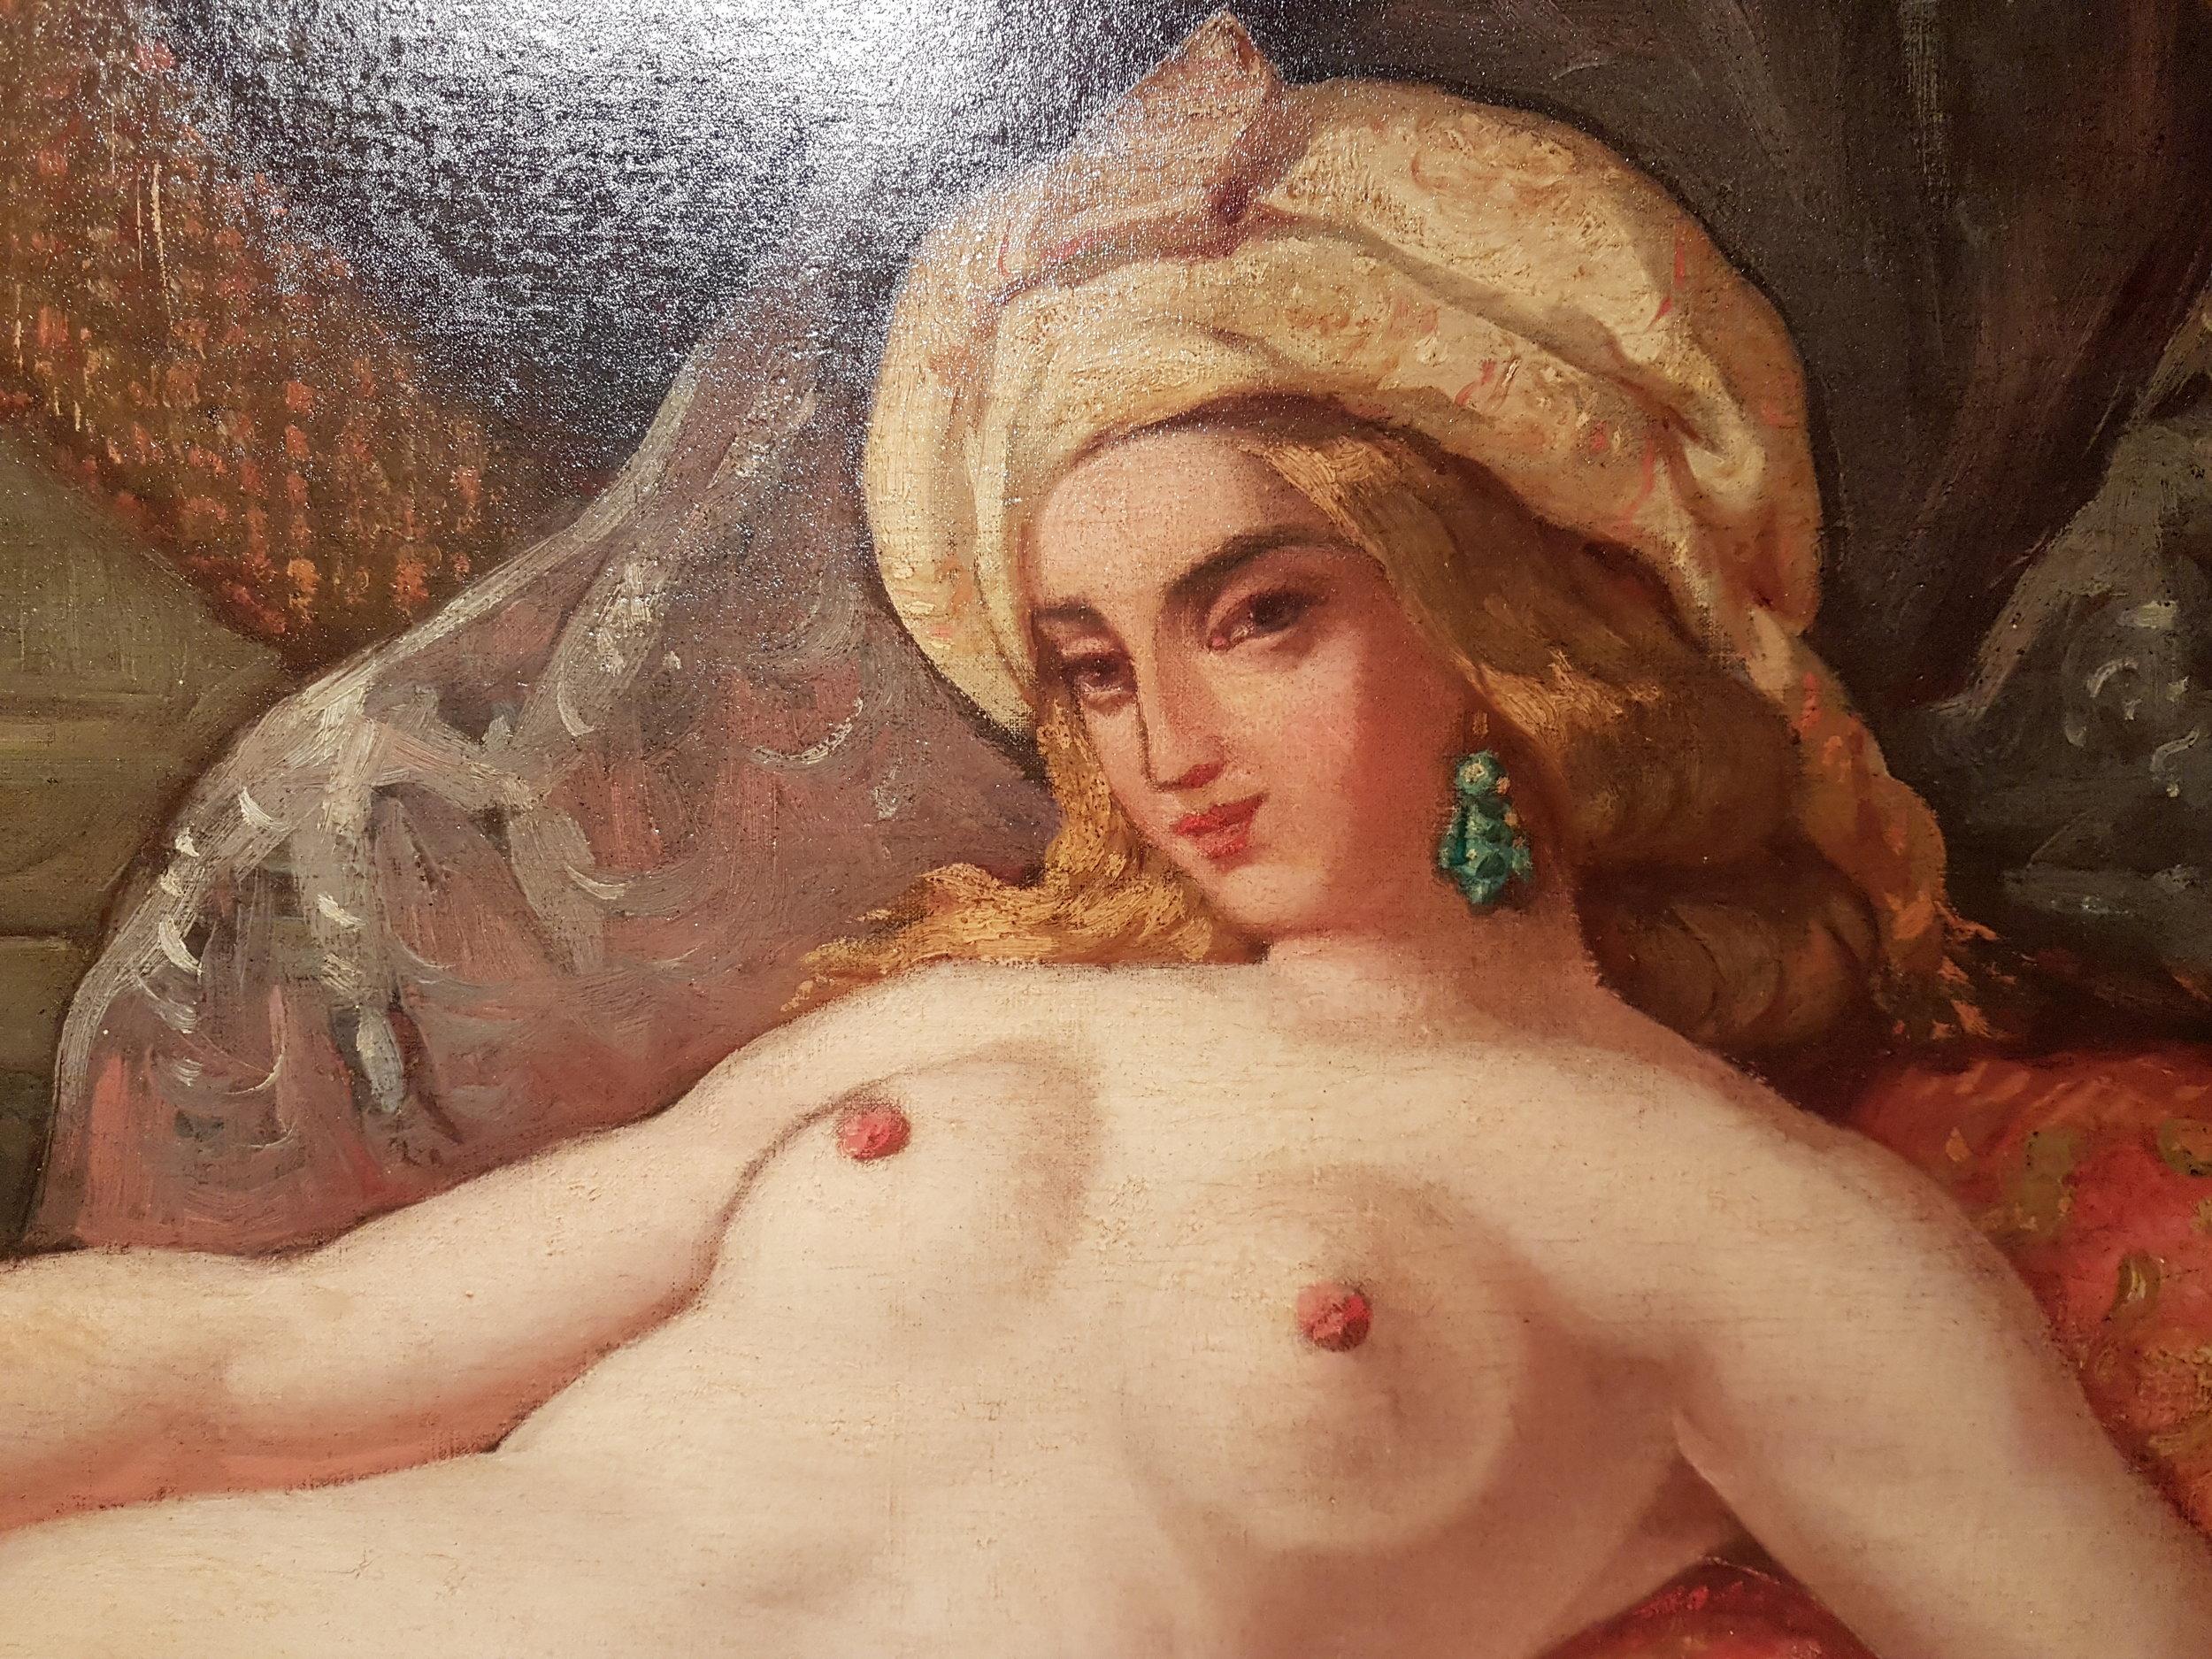 West-östlicher Diwan   Hier verbergen sich Schätze aus Tausendundeiner Nacht. Goethes Antwort auf Hafiz lässt Suleika dem fernen Schlagen der Nachtigall lauschen. Üppige Verspieltheit. Ex Oriente – Luxus!